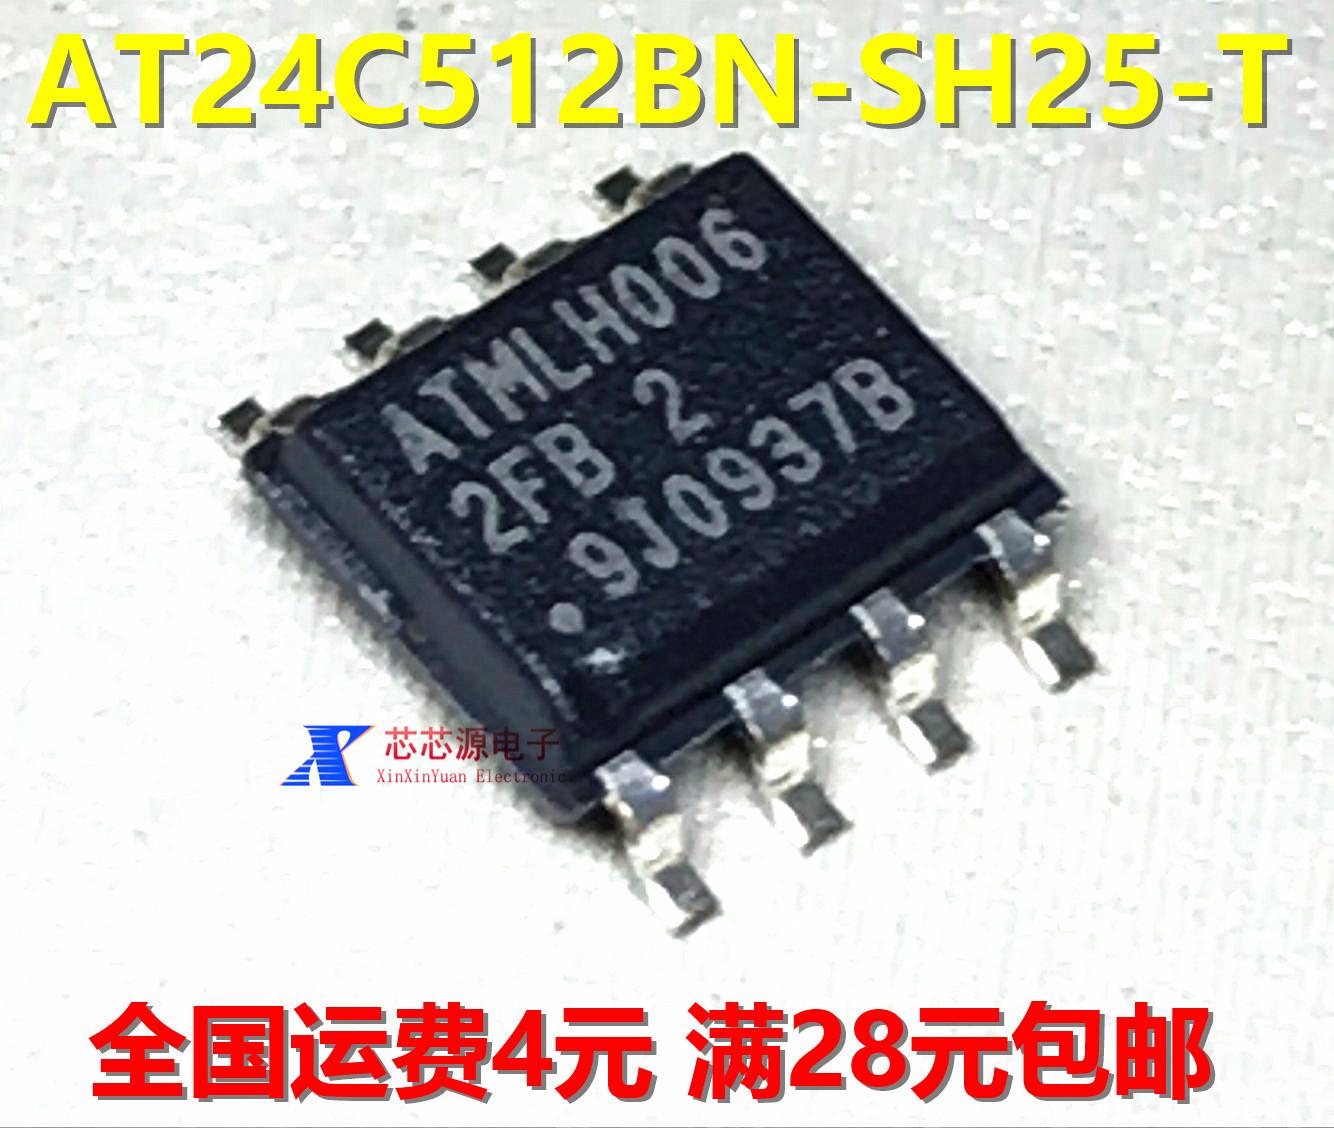 全新原装 AT24C512BN-SH25-T ATMLH 2FB 贴片SOP-8,可领取元淘宝优惠券